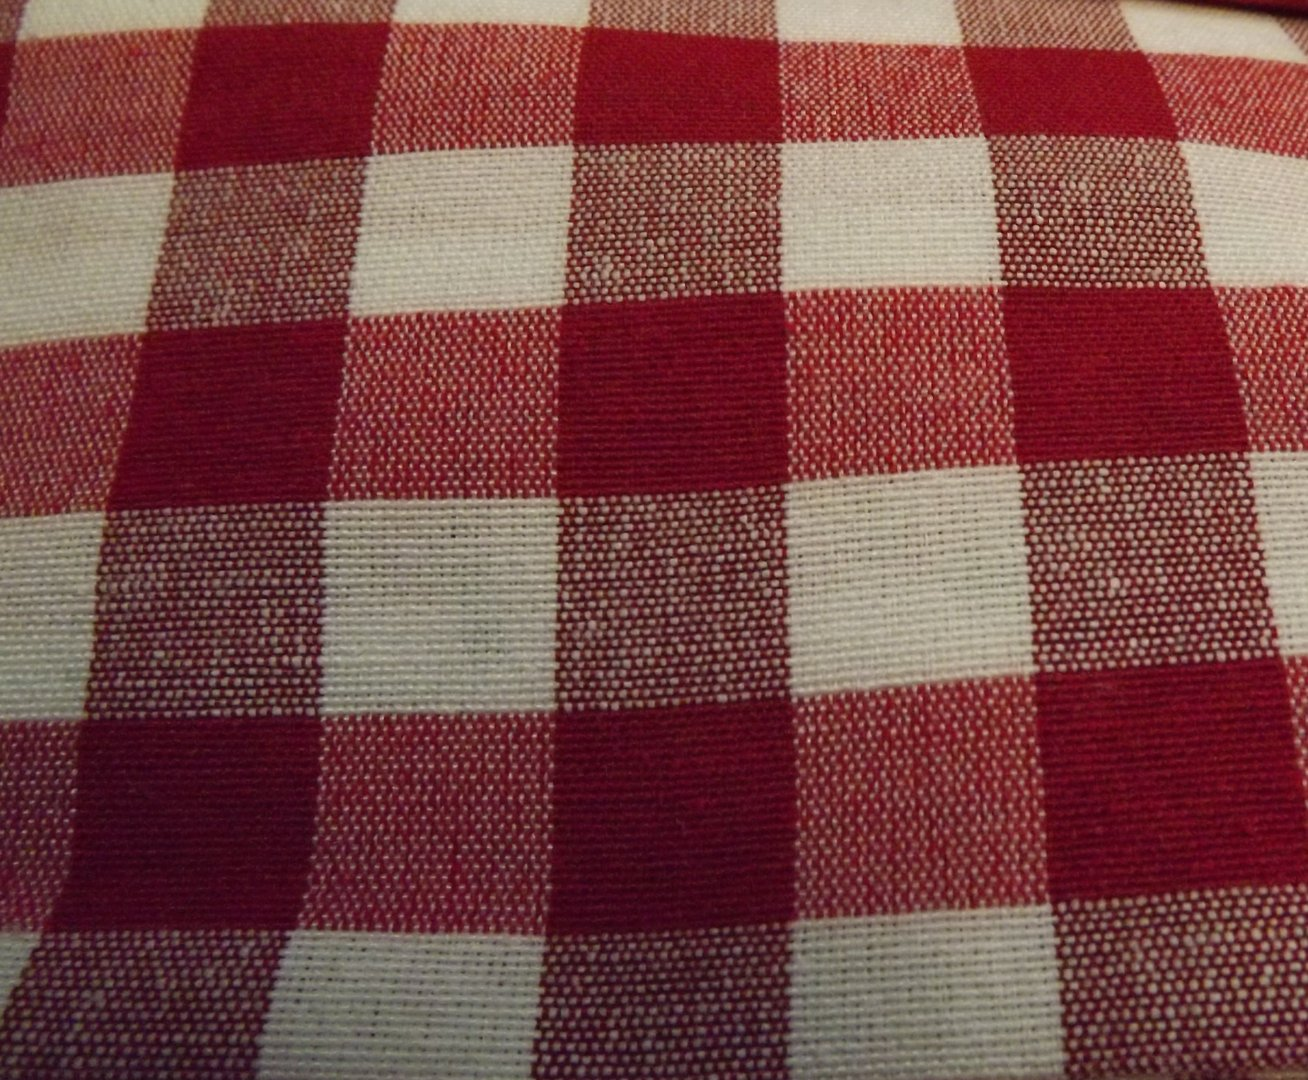 Tessuto quadri rossi bianchi di lato cm 2 0 alto cm 180 for Quadri astratti rossi